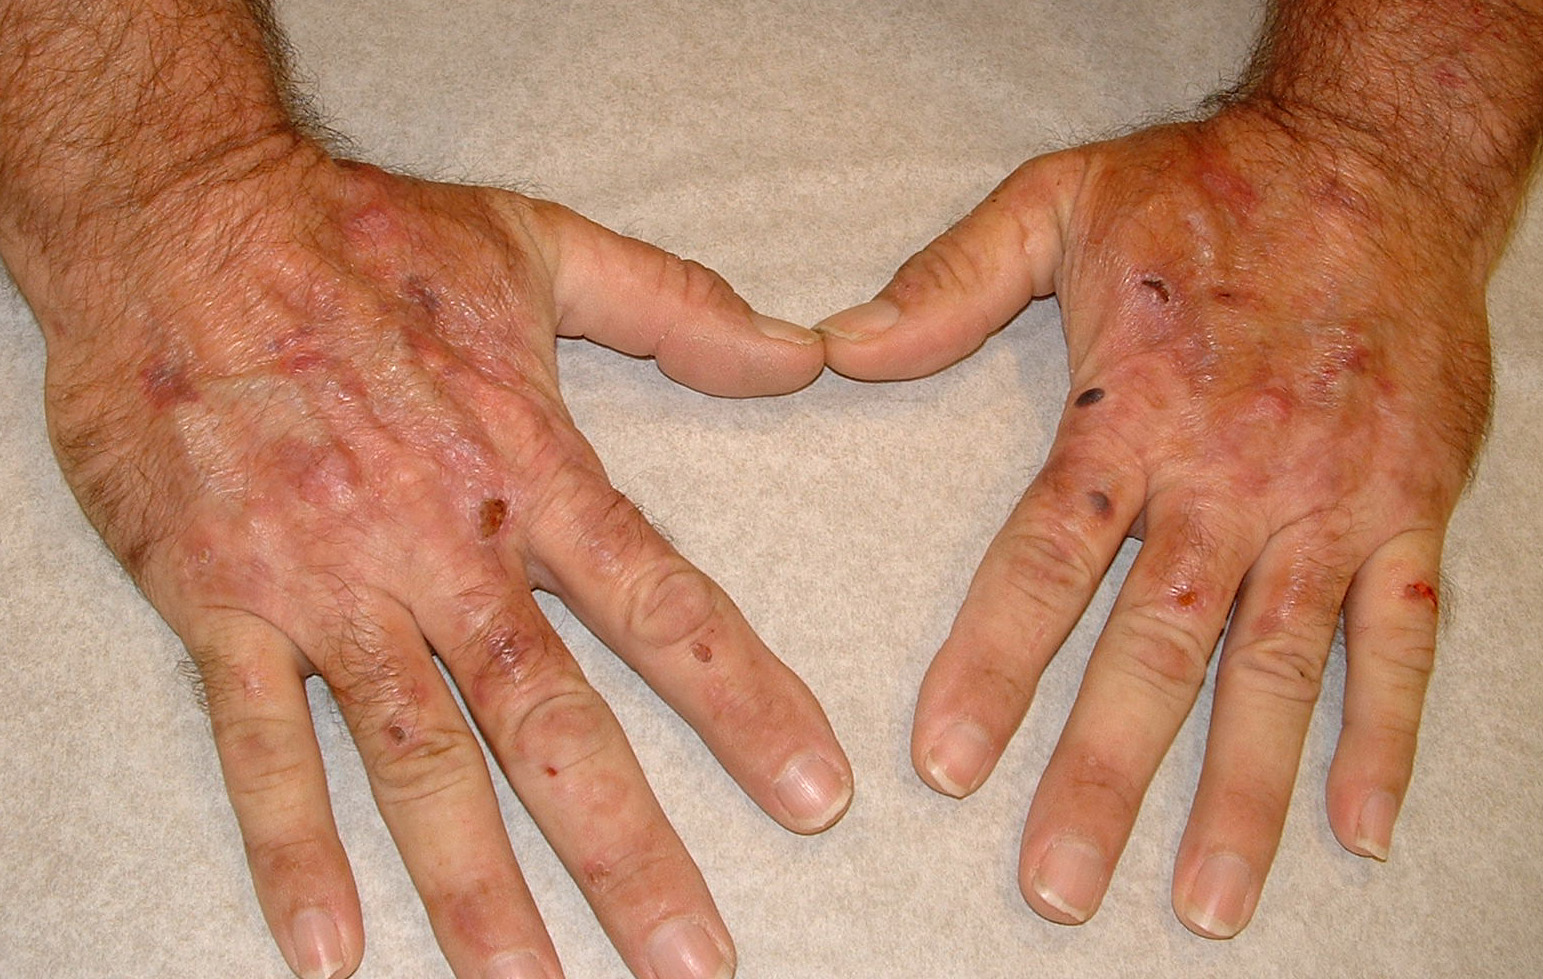 โรคพยาธิชอนไชผิวหนัง (Cutaneous larva migrans) |โรงพยาบาล ...